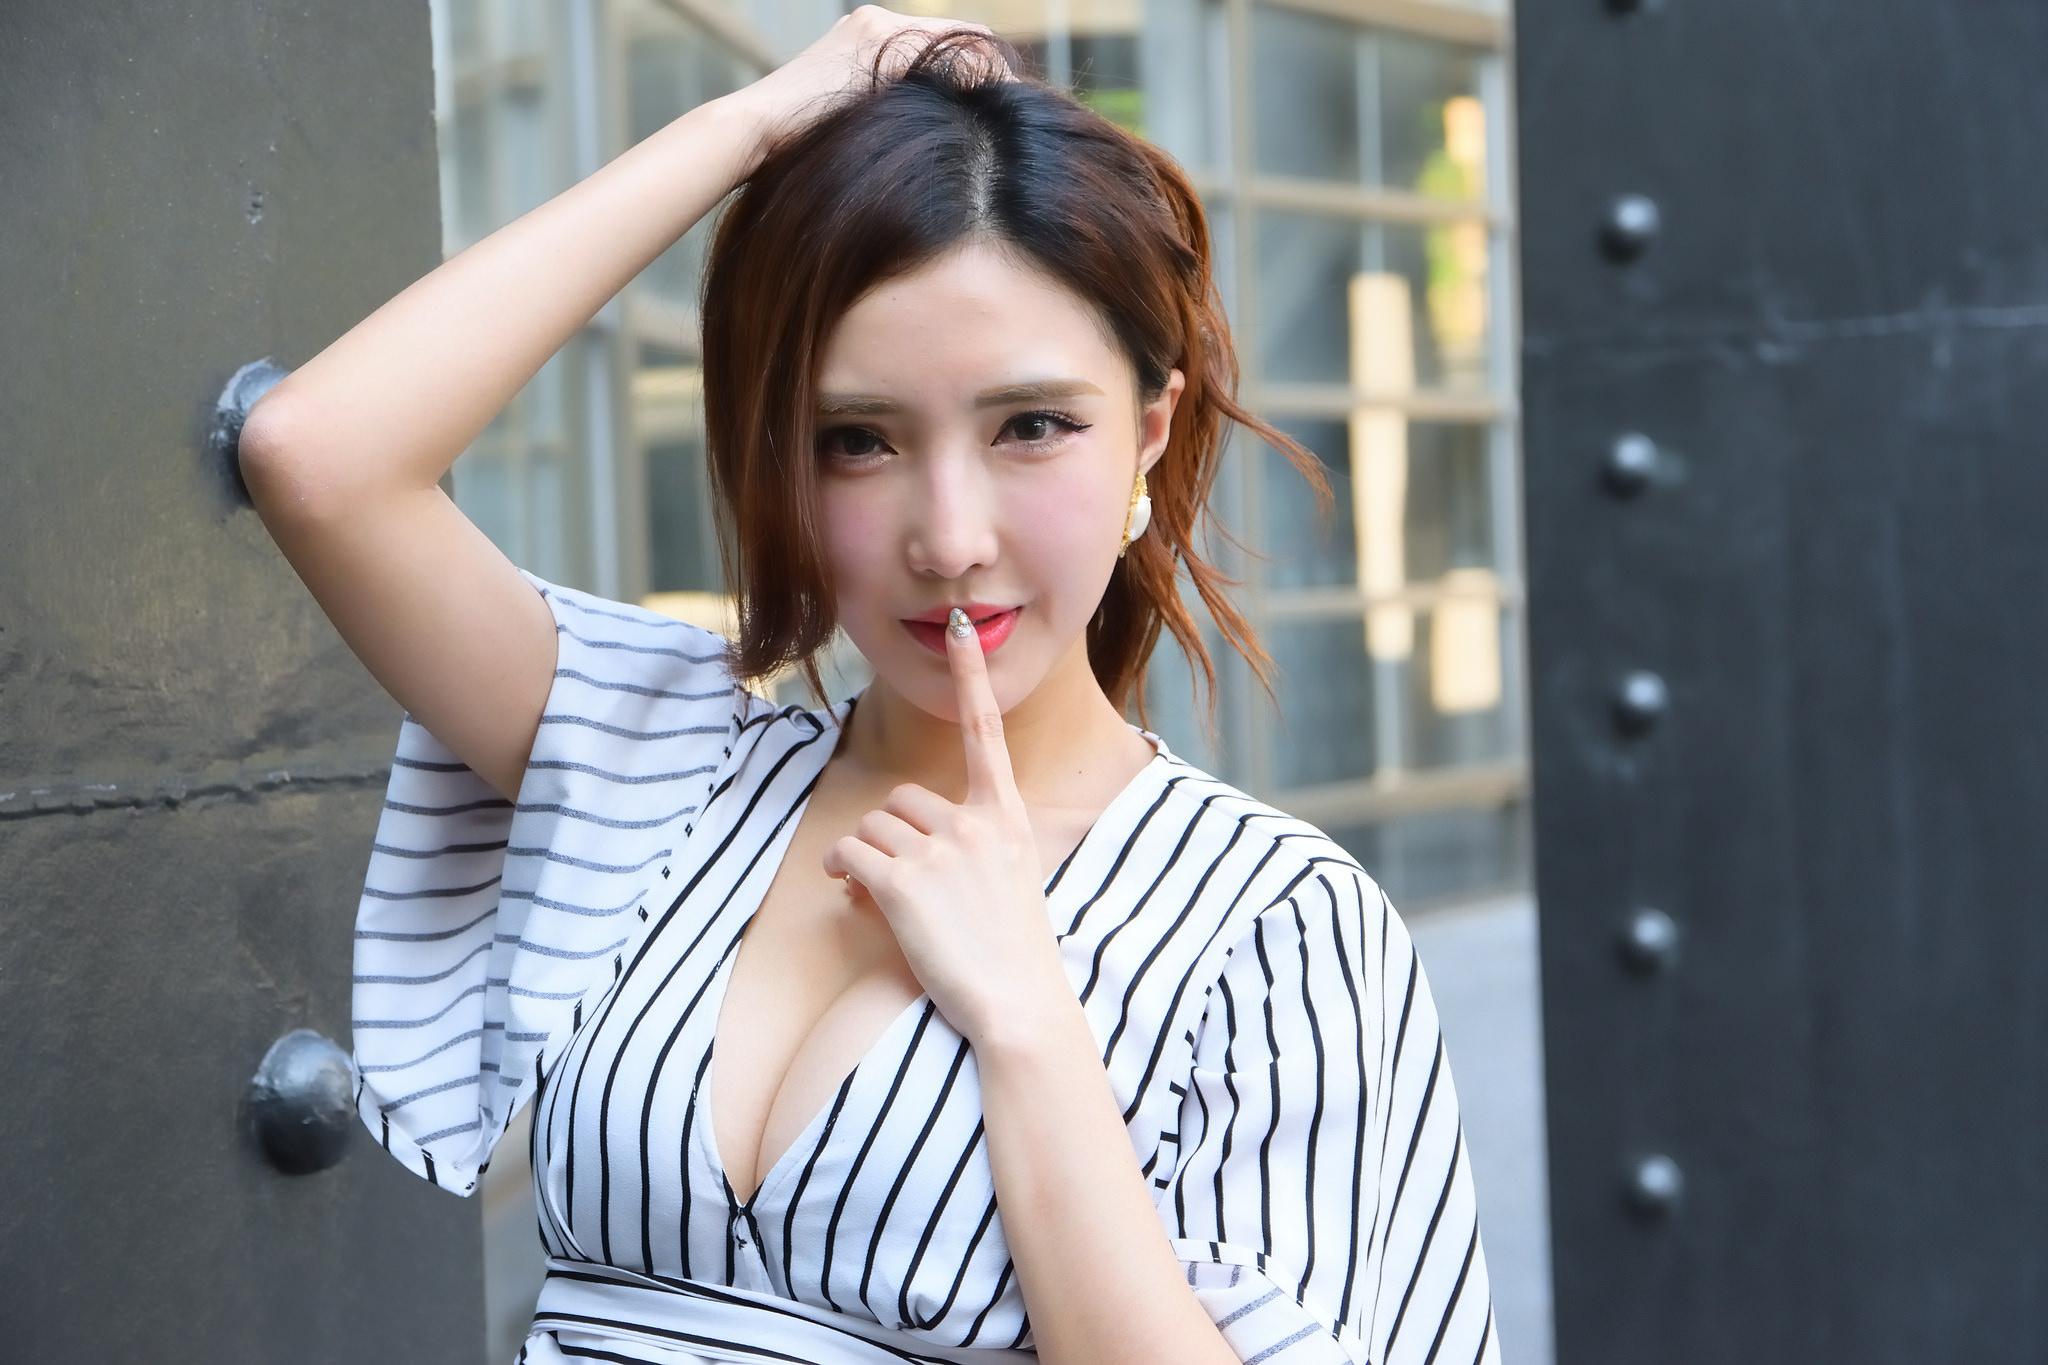 成熟女人- 赵芸2 - 花開有聲 - 花開有聲